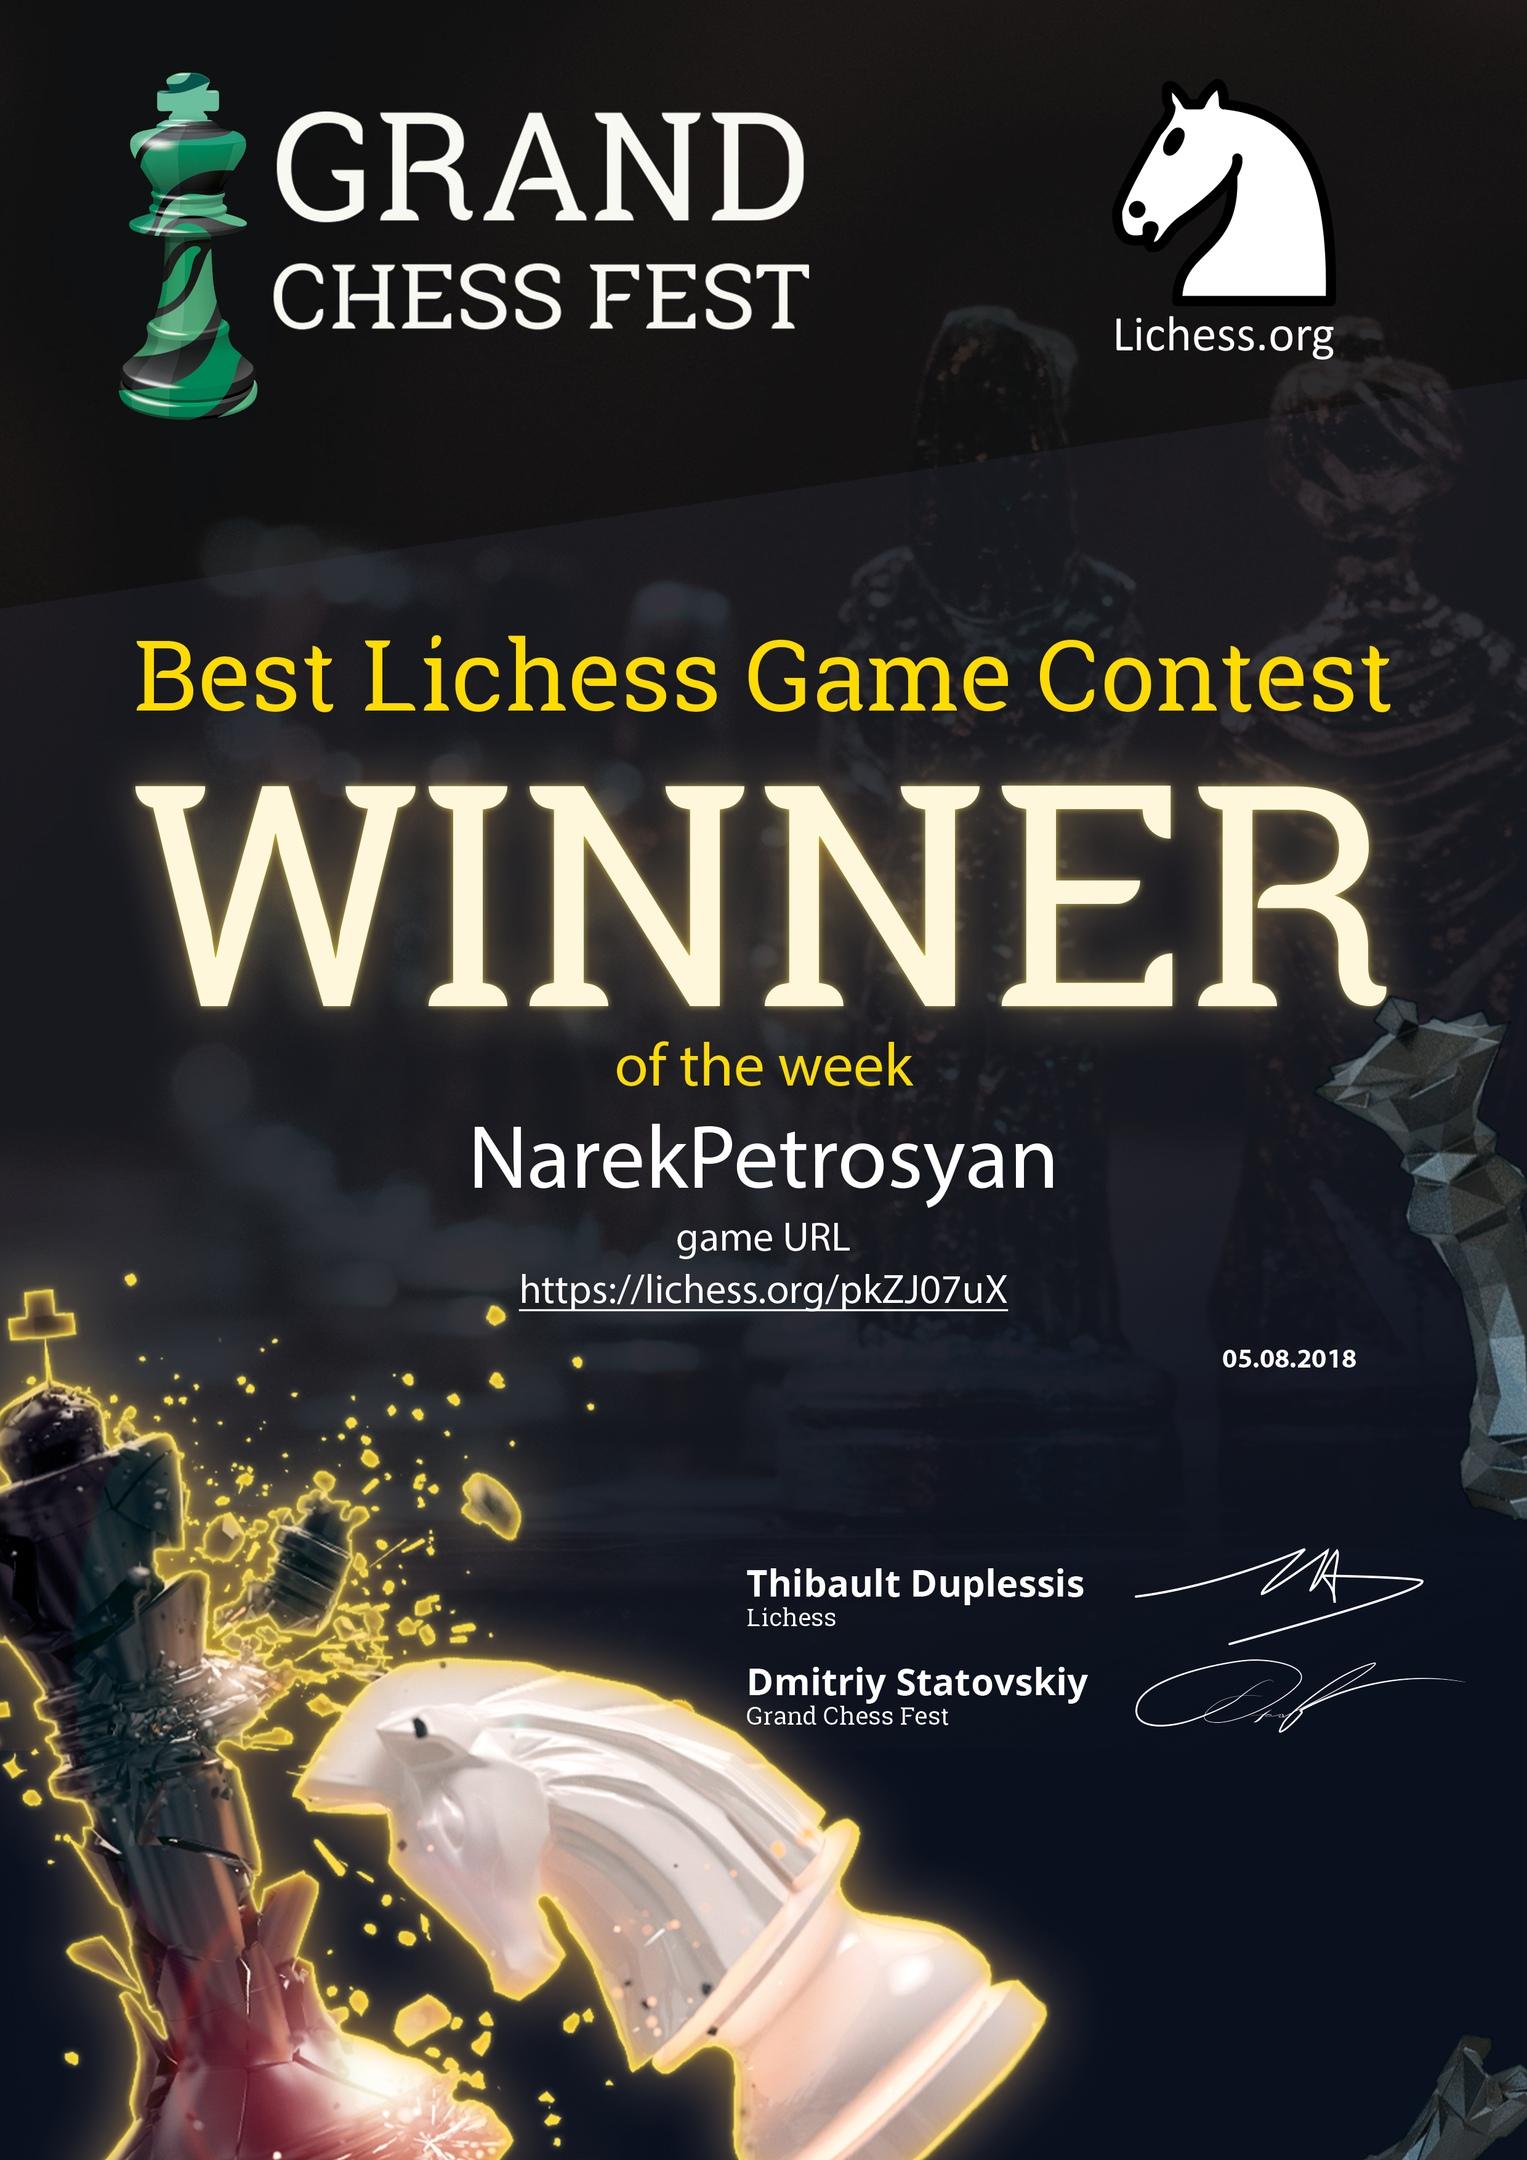 BEST LICHESS GAME CONTEST